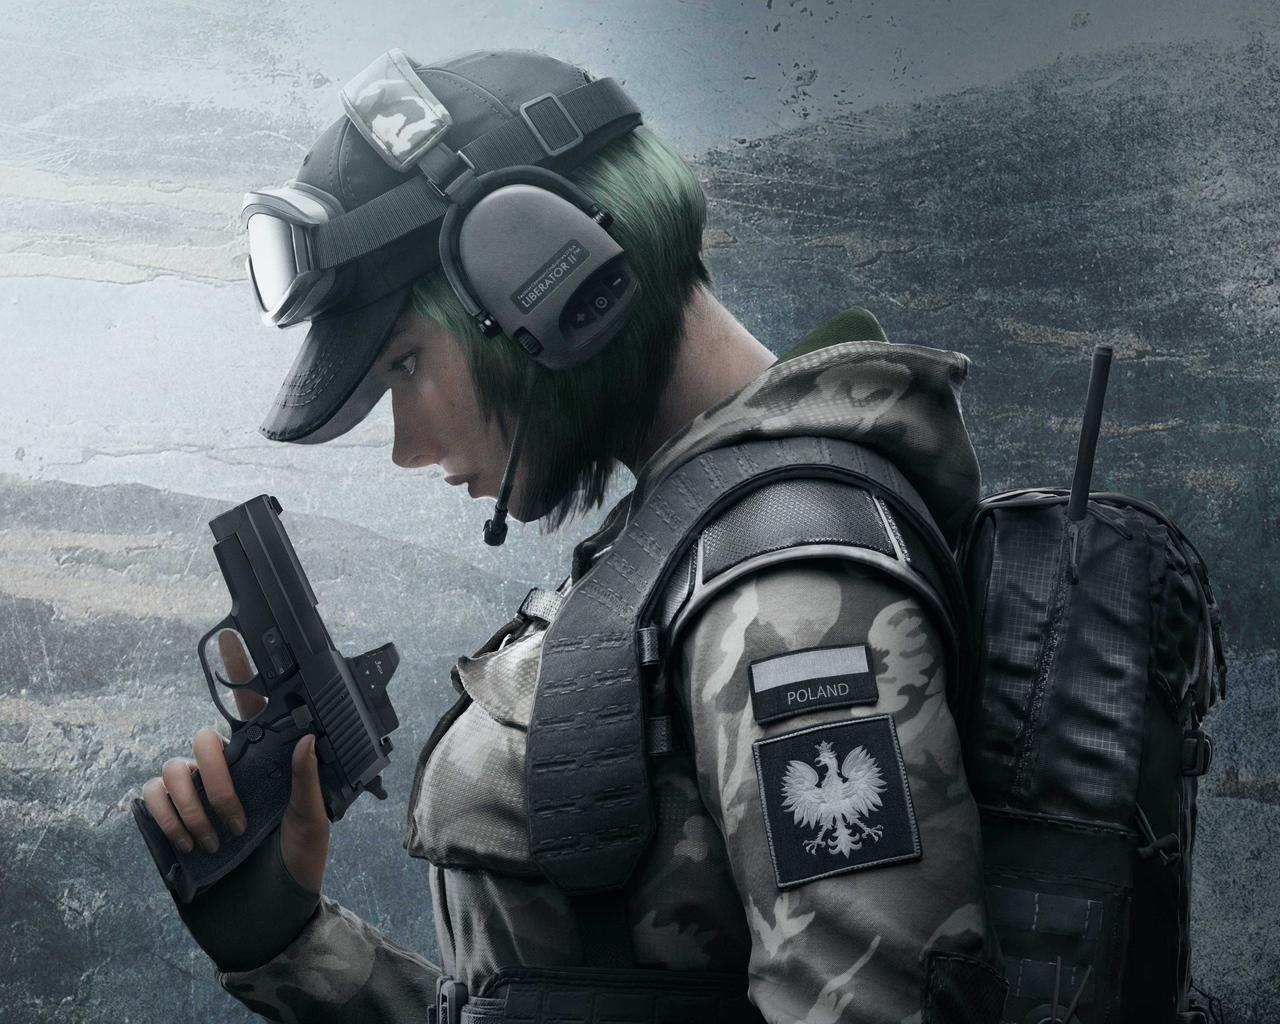 Soldier Video Games Rainbowsix Siege Digital Art Dark: 1280x1024 Tom Clancys Rainbow Six Siege Soldier 5k